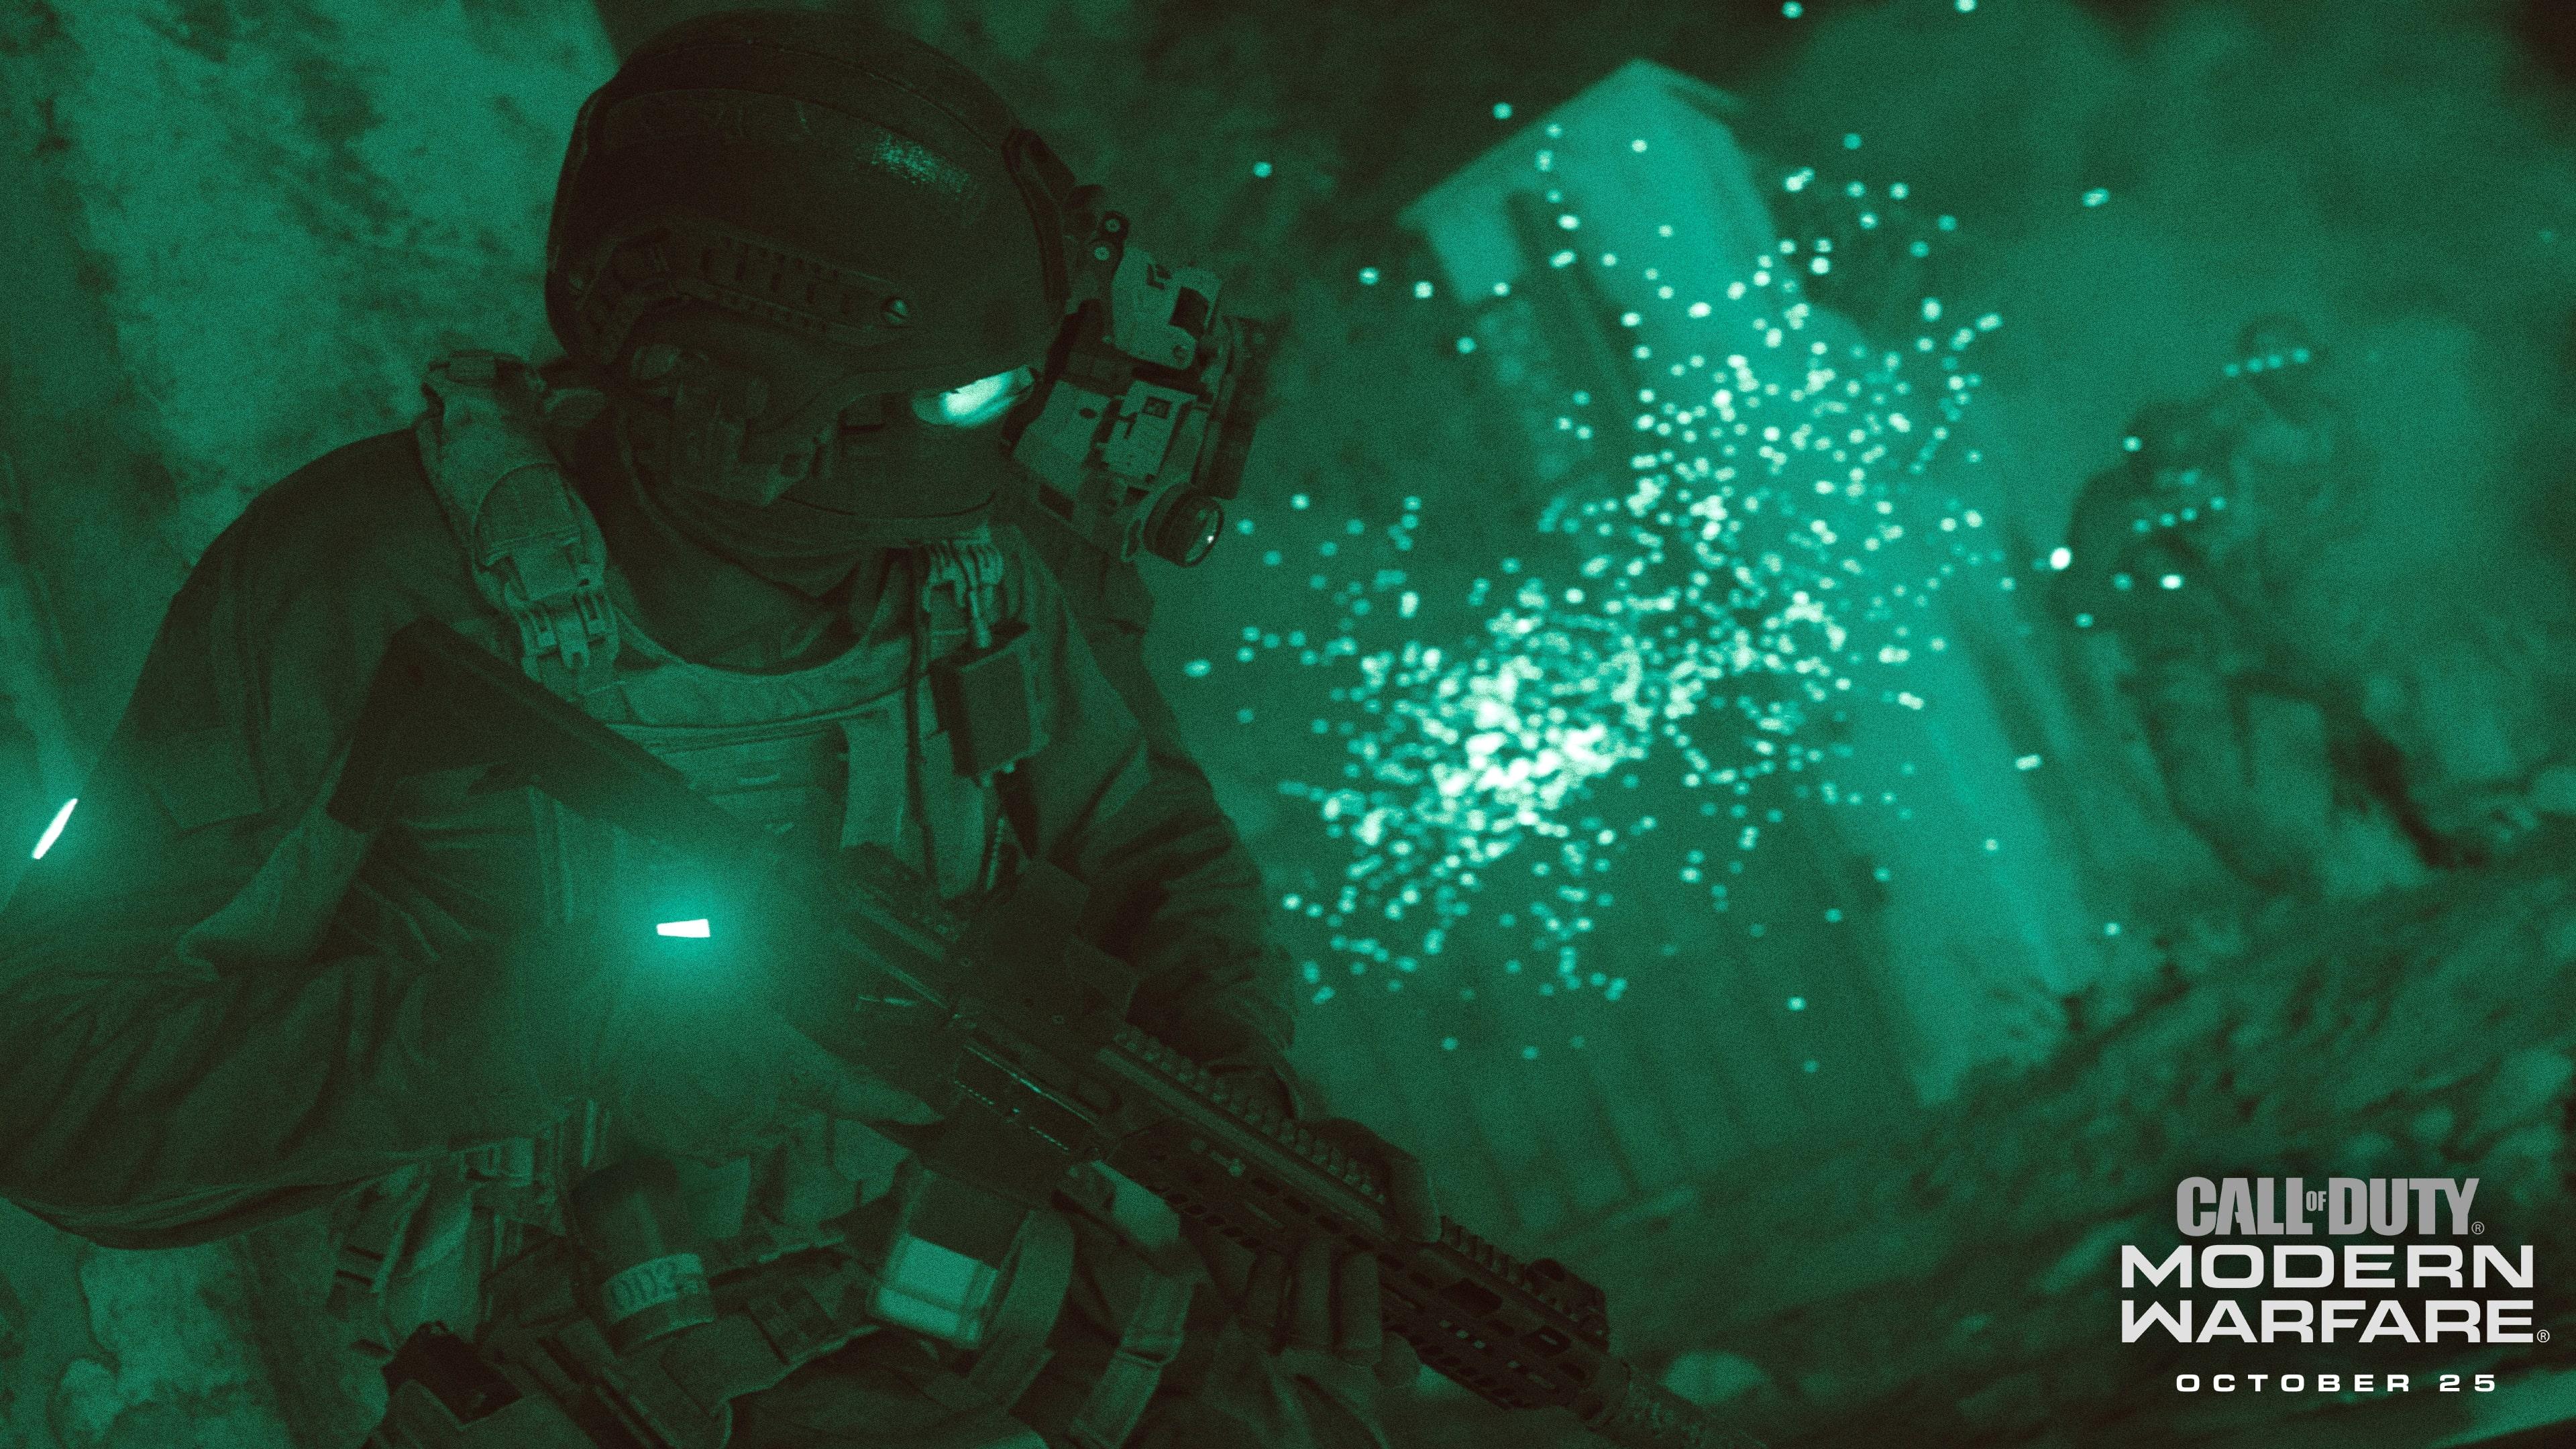 Modern Warfare E3 2019 002